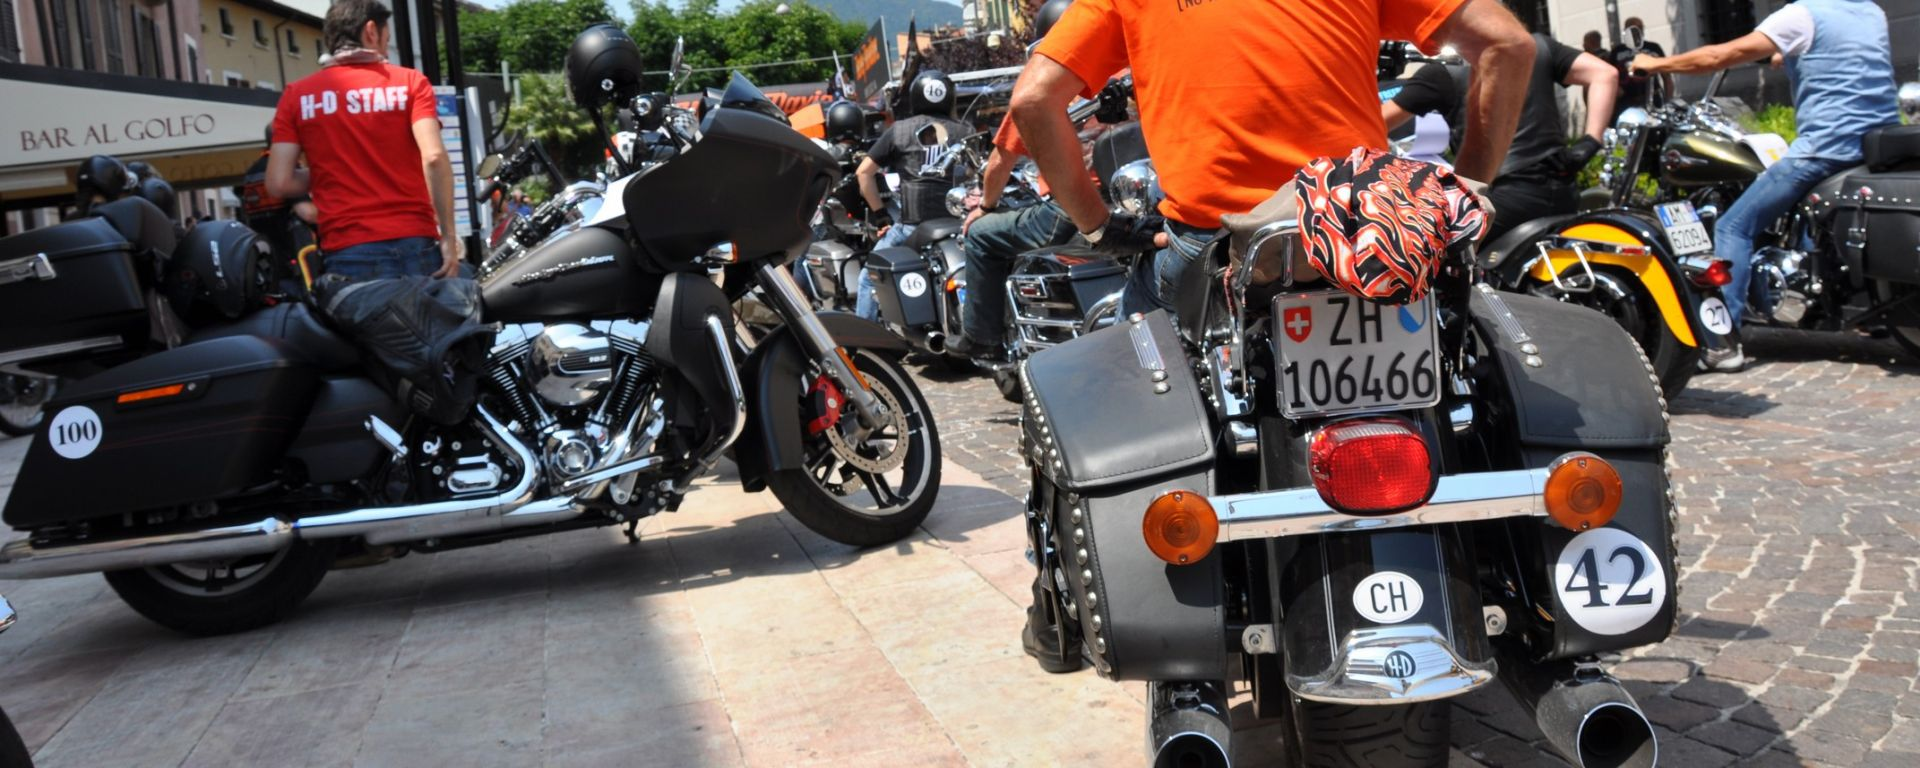 Harley-Davidson: il racconto della Chrono Alps 500